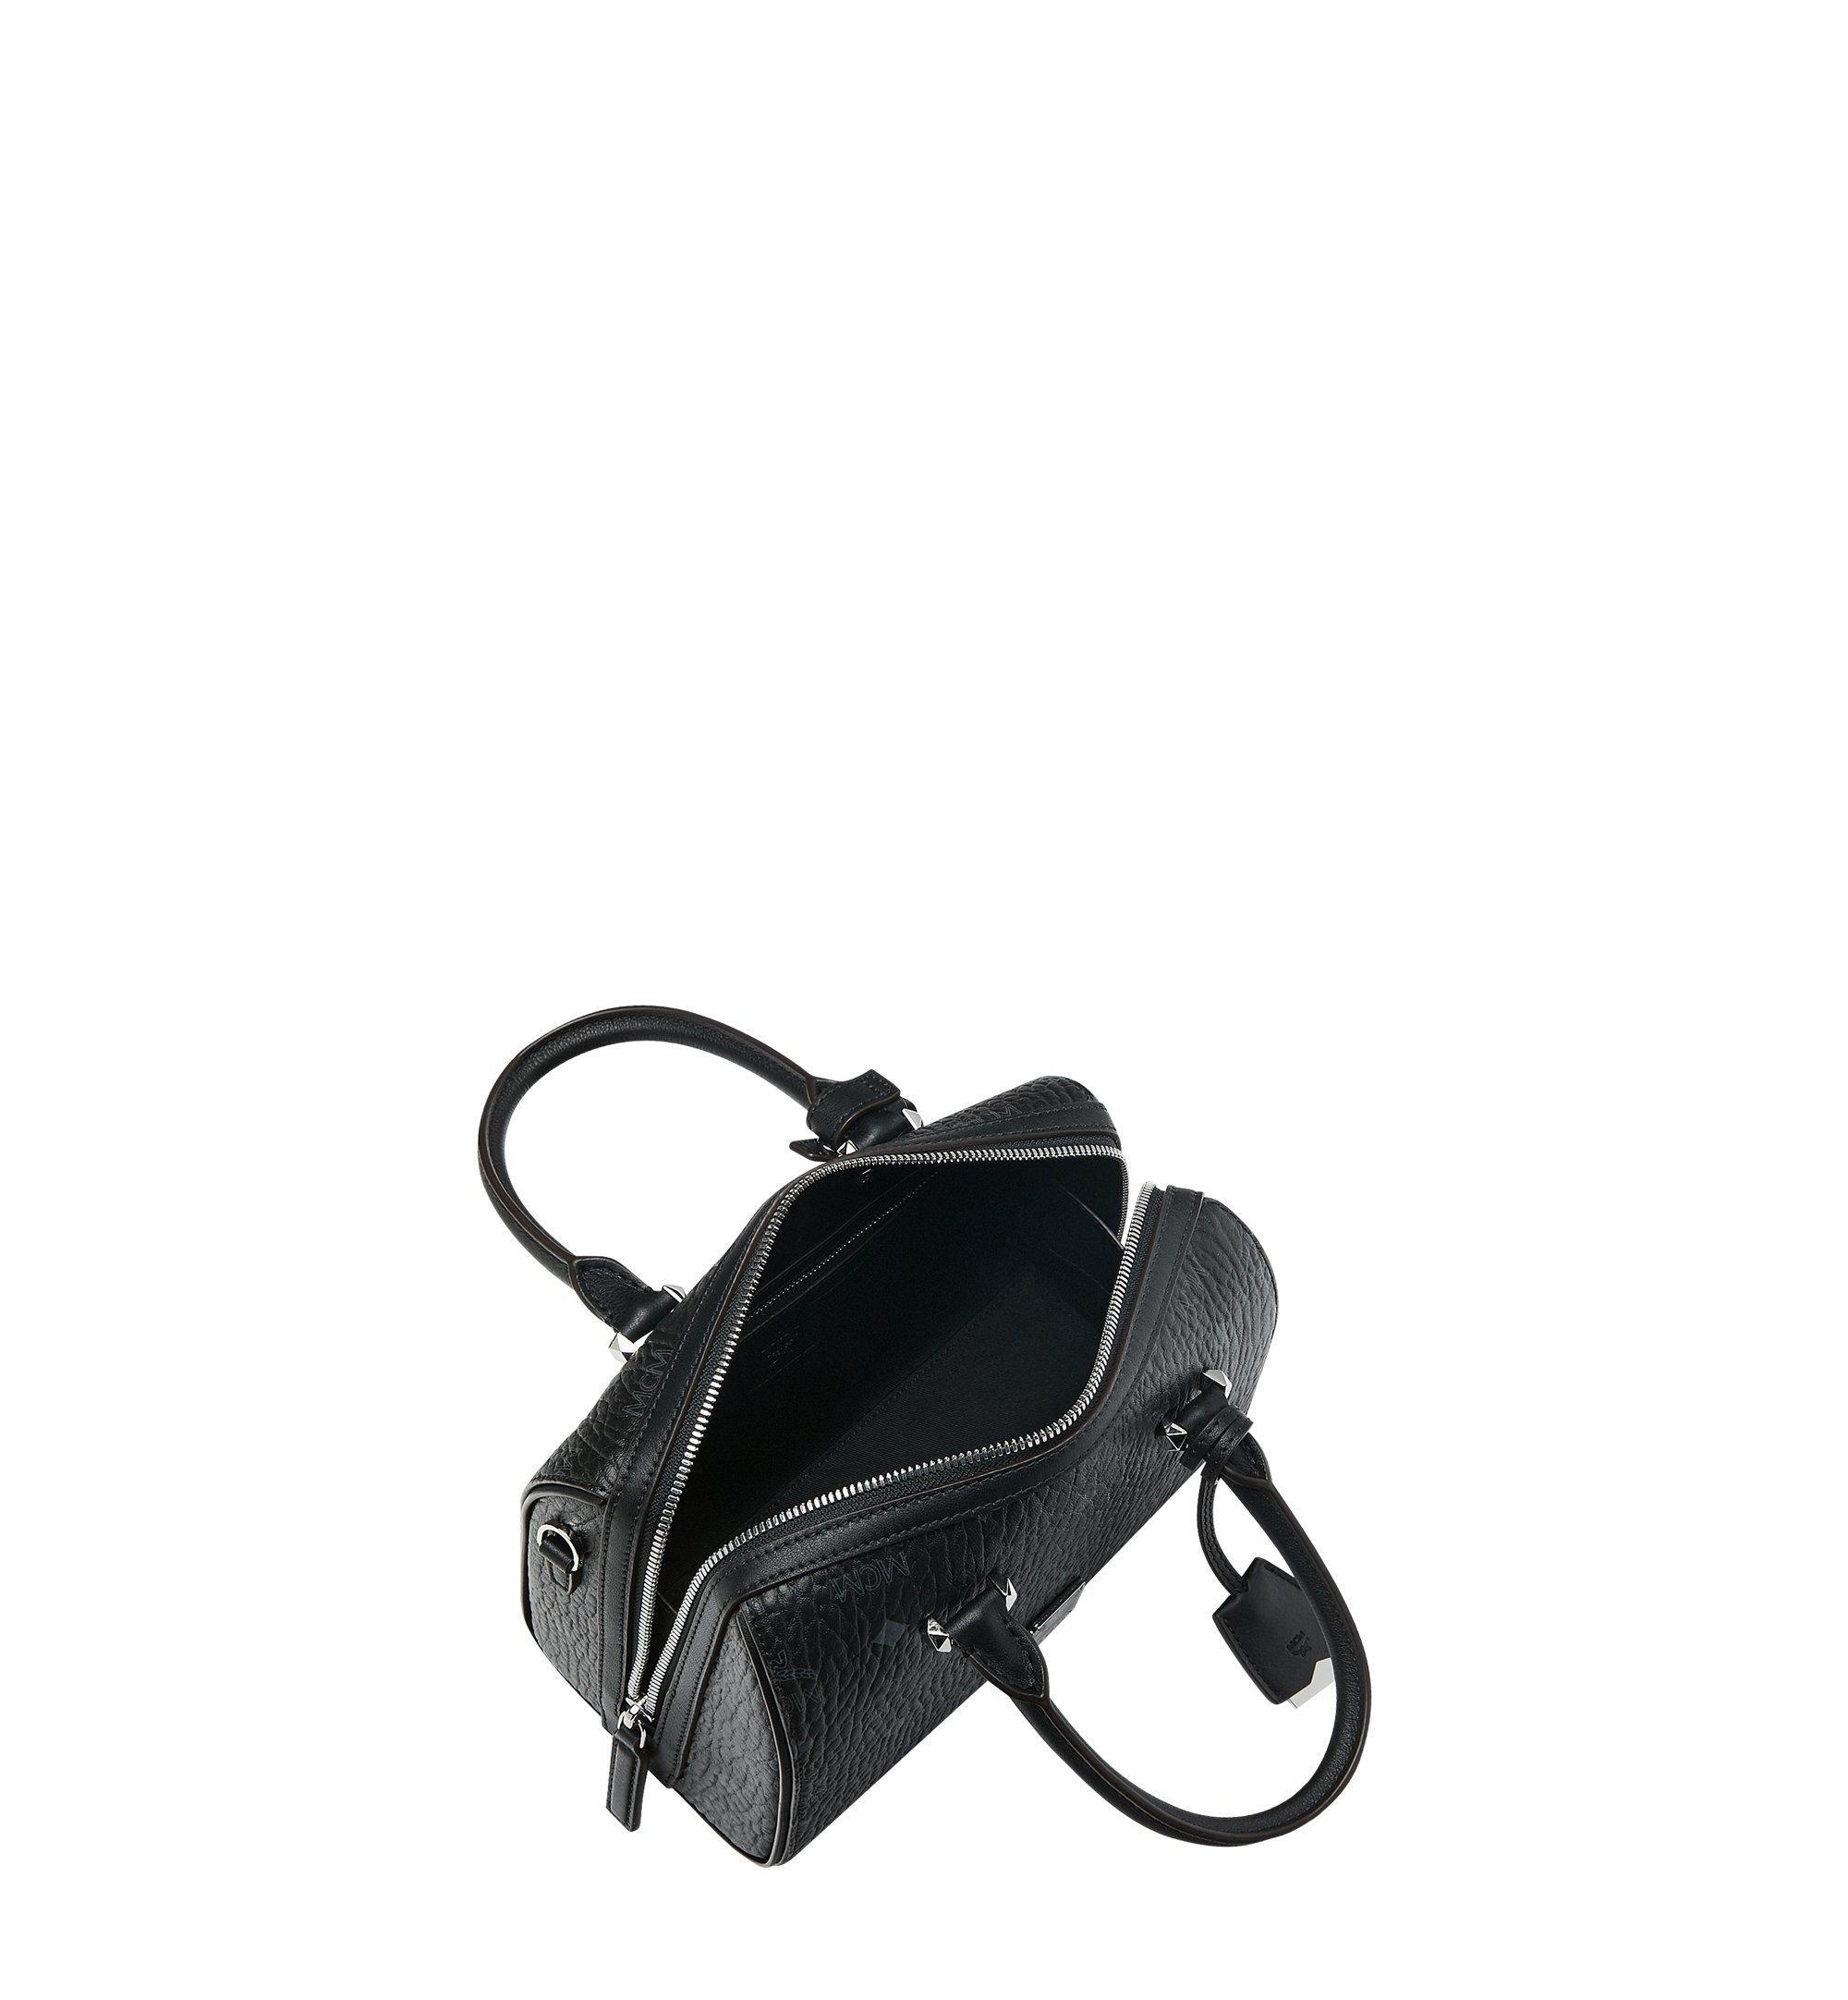 MCM Essential Boston-Tasche in Visetos Black MWB9SSE67BK001 Noch mehr sehen 4